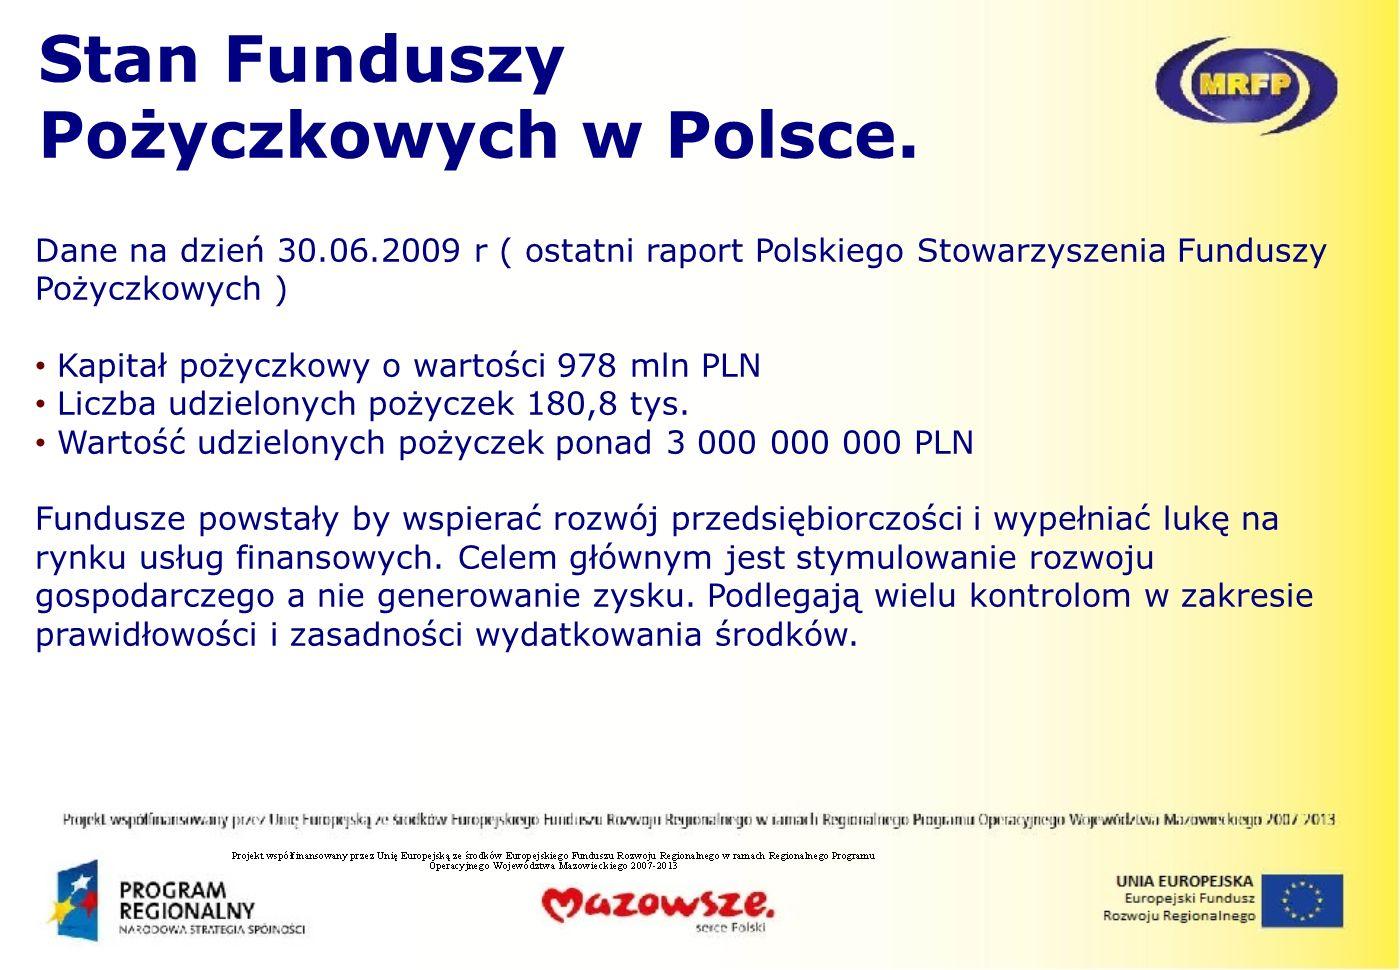 Stan Funduszy Pożyczkowych w Polsce. Dane na dzień 30.06.2009 r ( ostatni raport Polskiego Stowarzyszenia Funduszy Pożyczkowych ) Kapitał pożyczkowy o